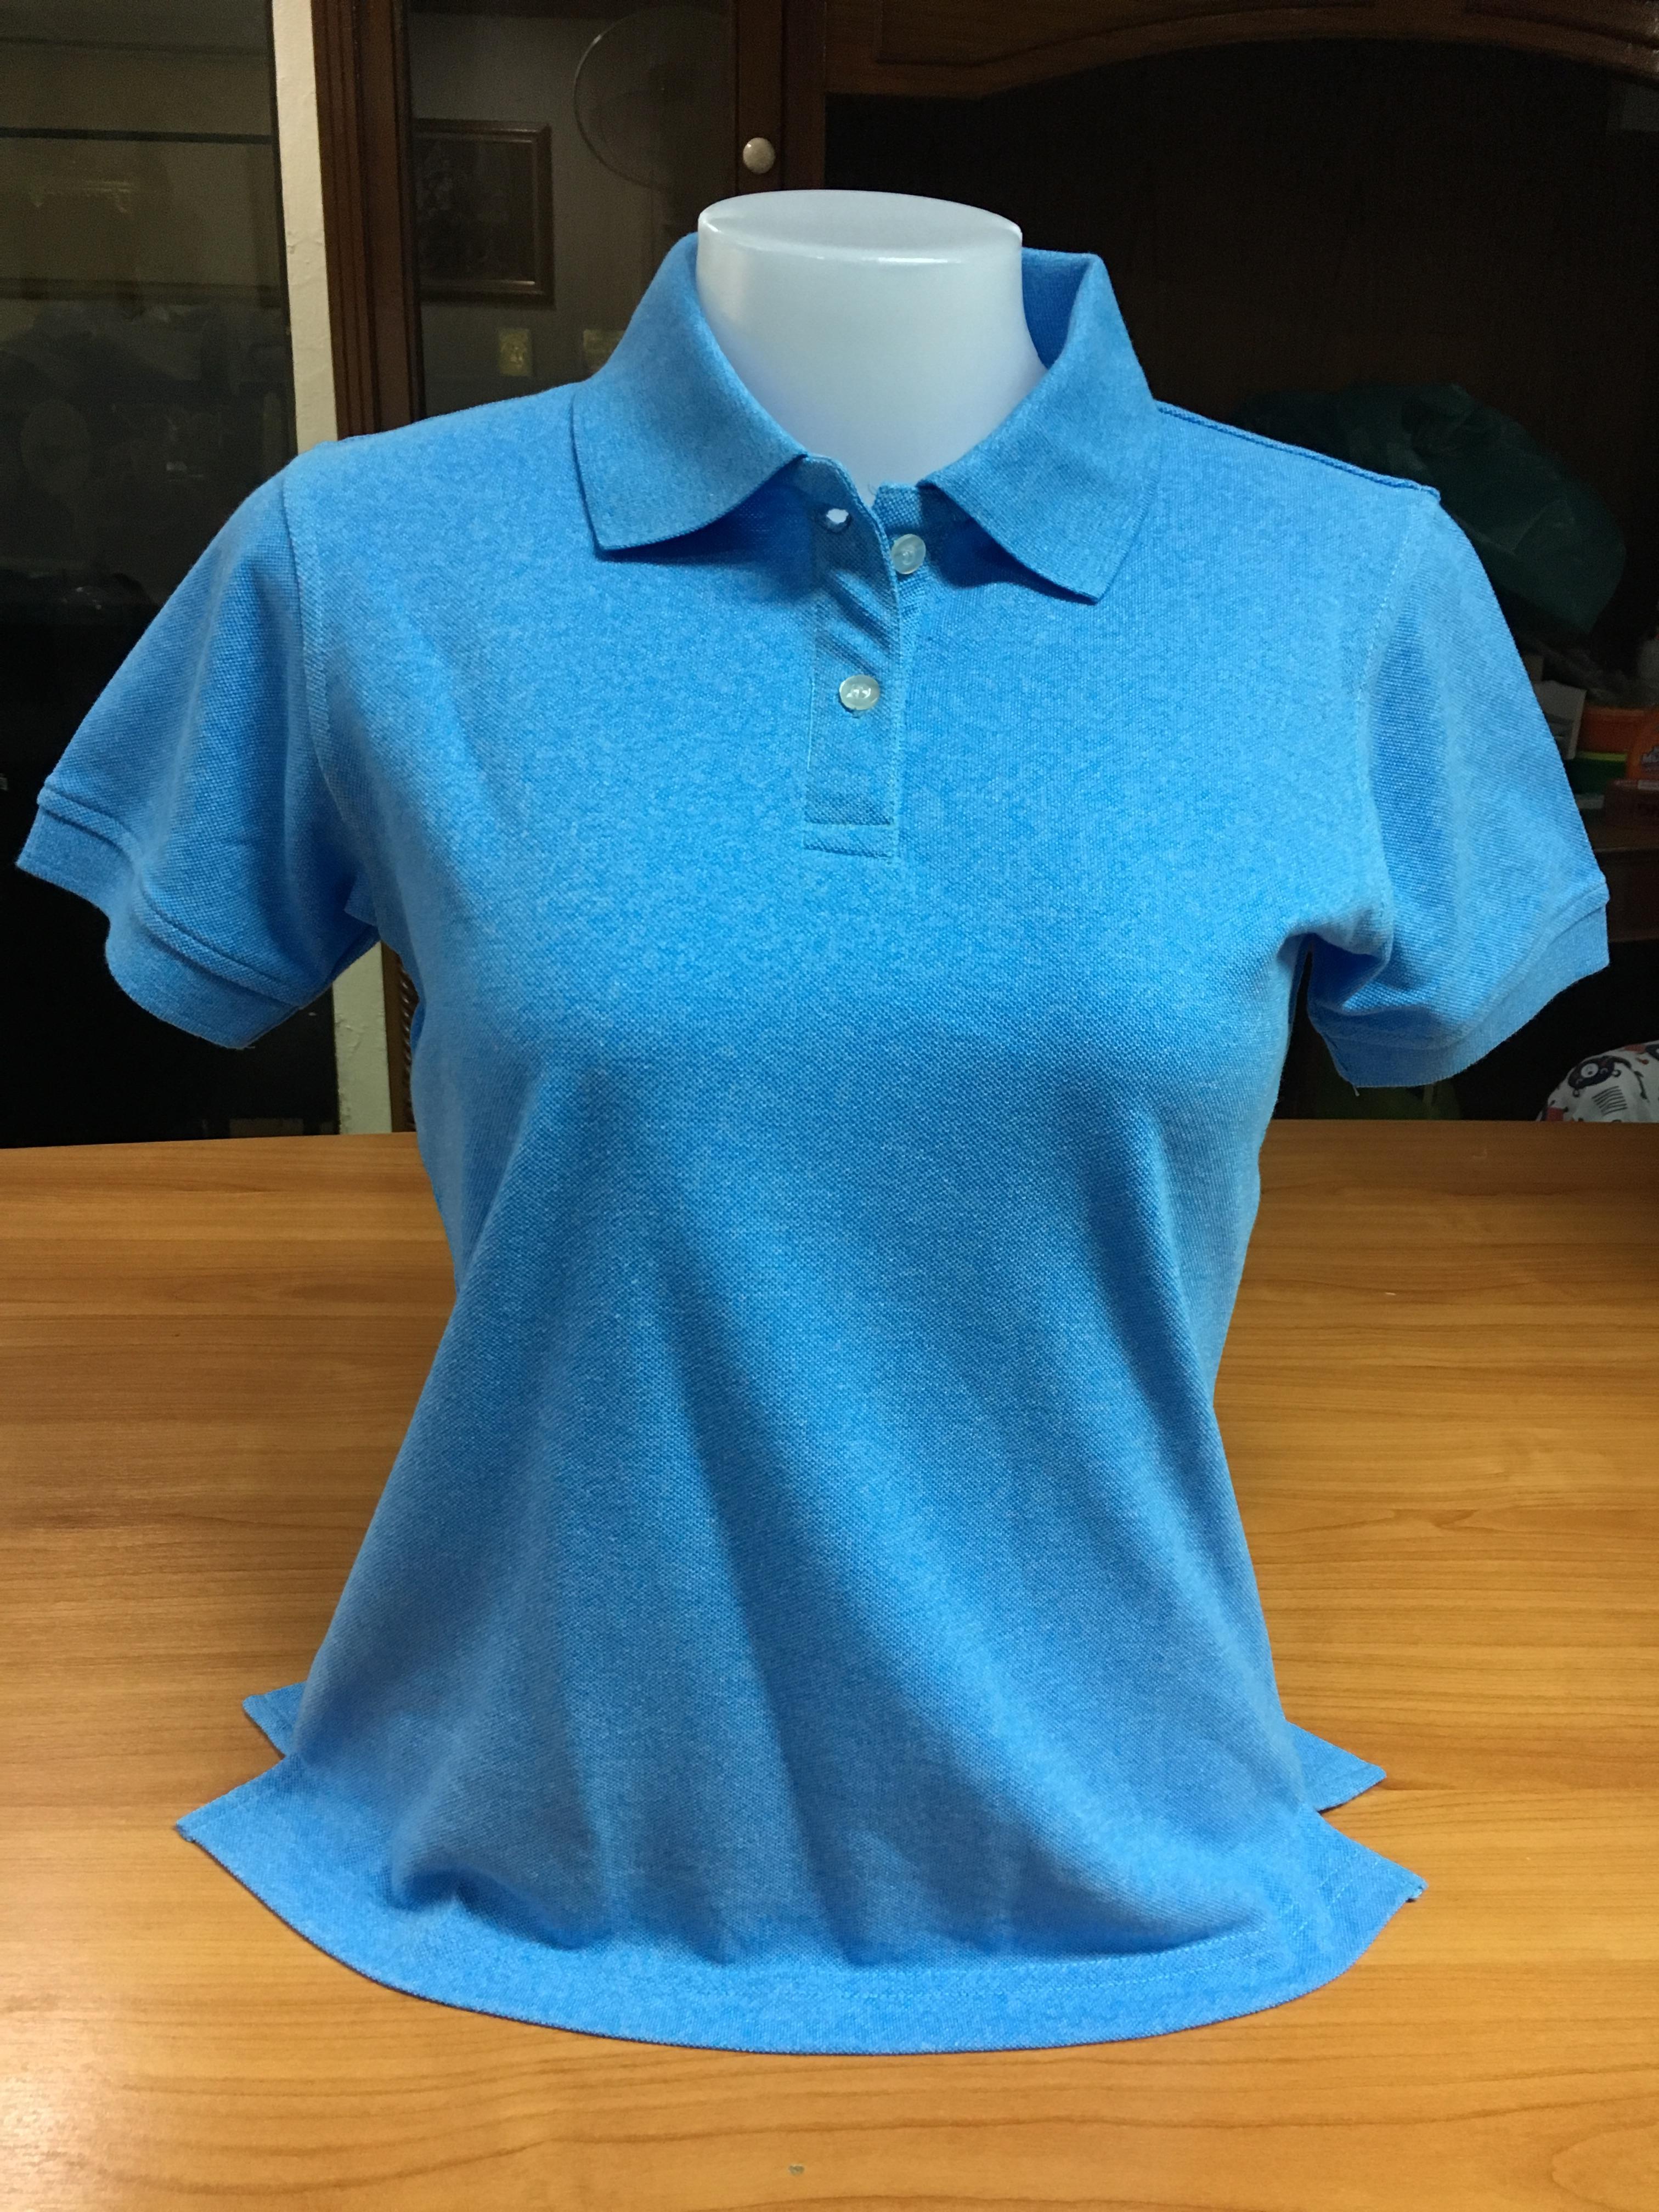 เสื้อโปโลหญิง สีฟ้า ไซส์/S/รอบอก34นิ้ว